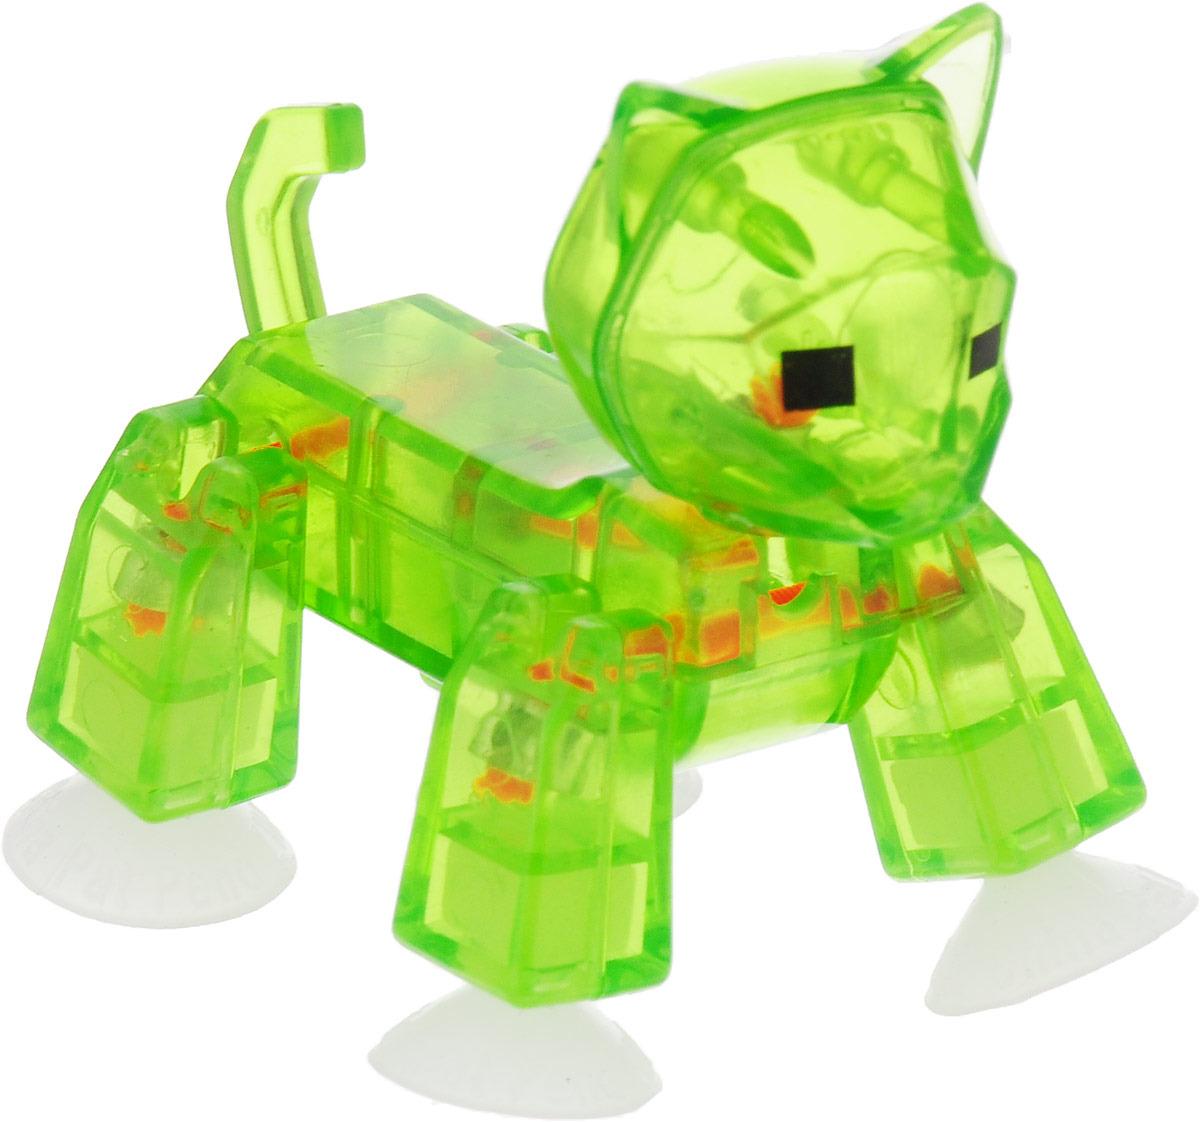 Stikbot Фигурка Питомцы Кот цветзеленый stikbot фигурка питомцы бульдог красный